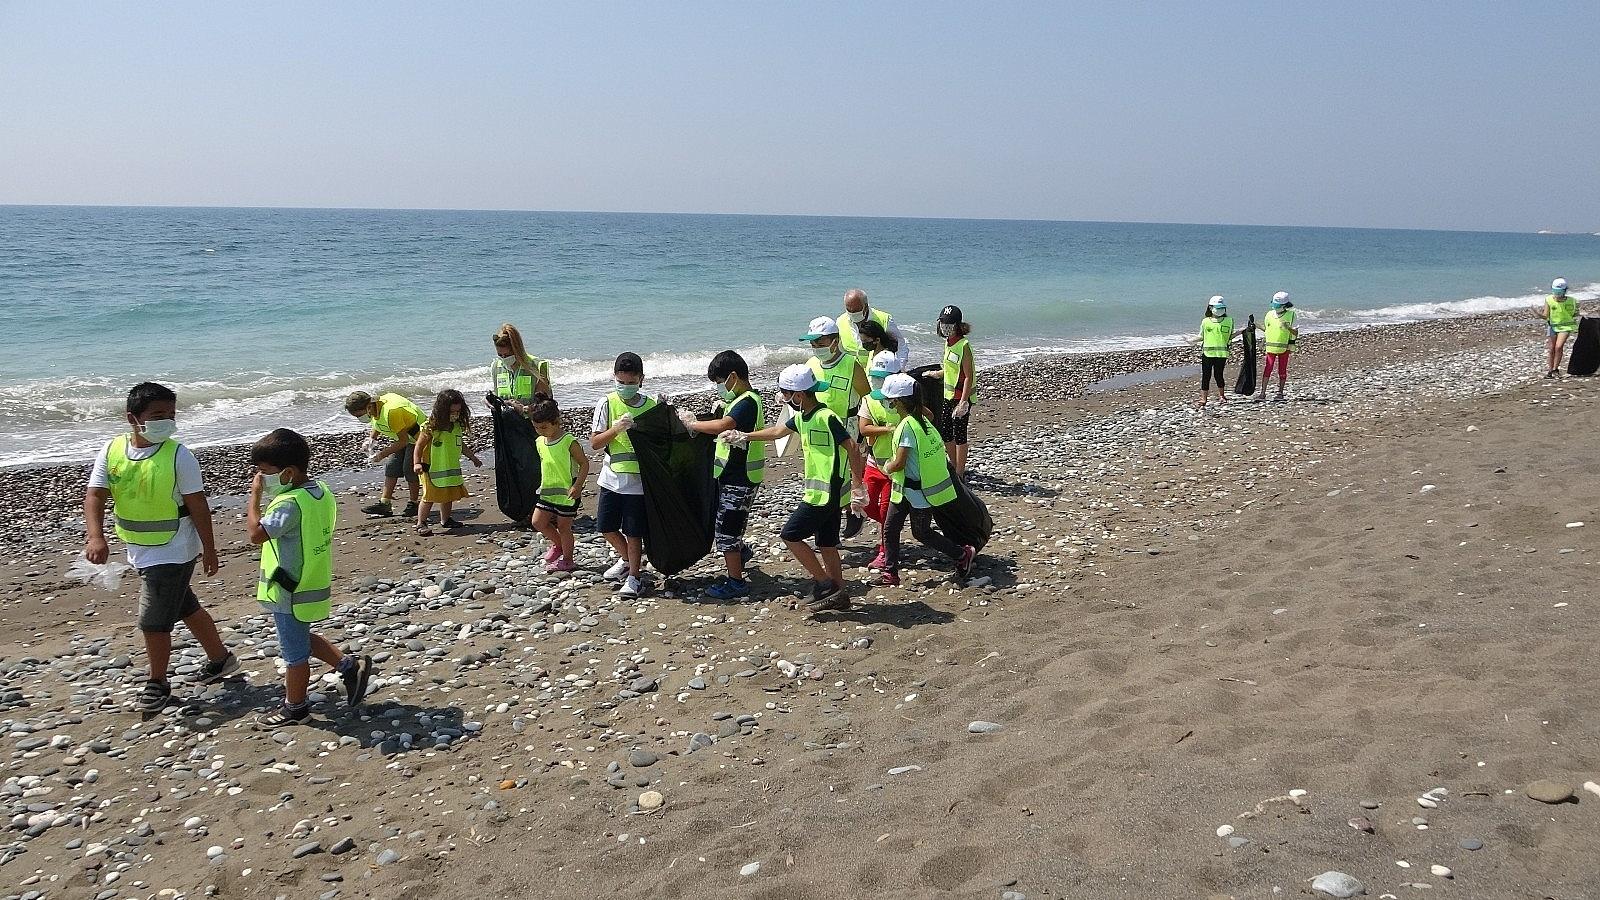 2021/06/mersinde-deniz-kaplumbagalari-ureme-alaninda-sahil-temizligi-20210610AW34-1.jpg